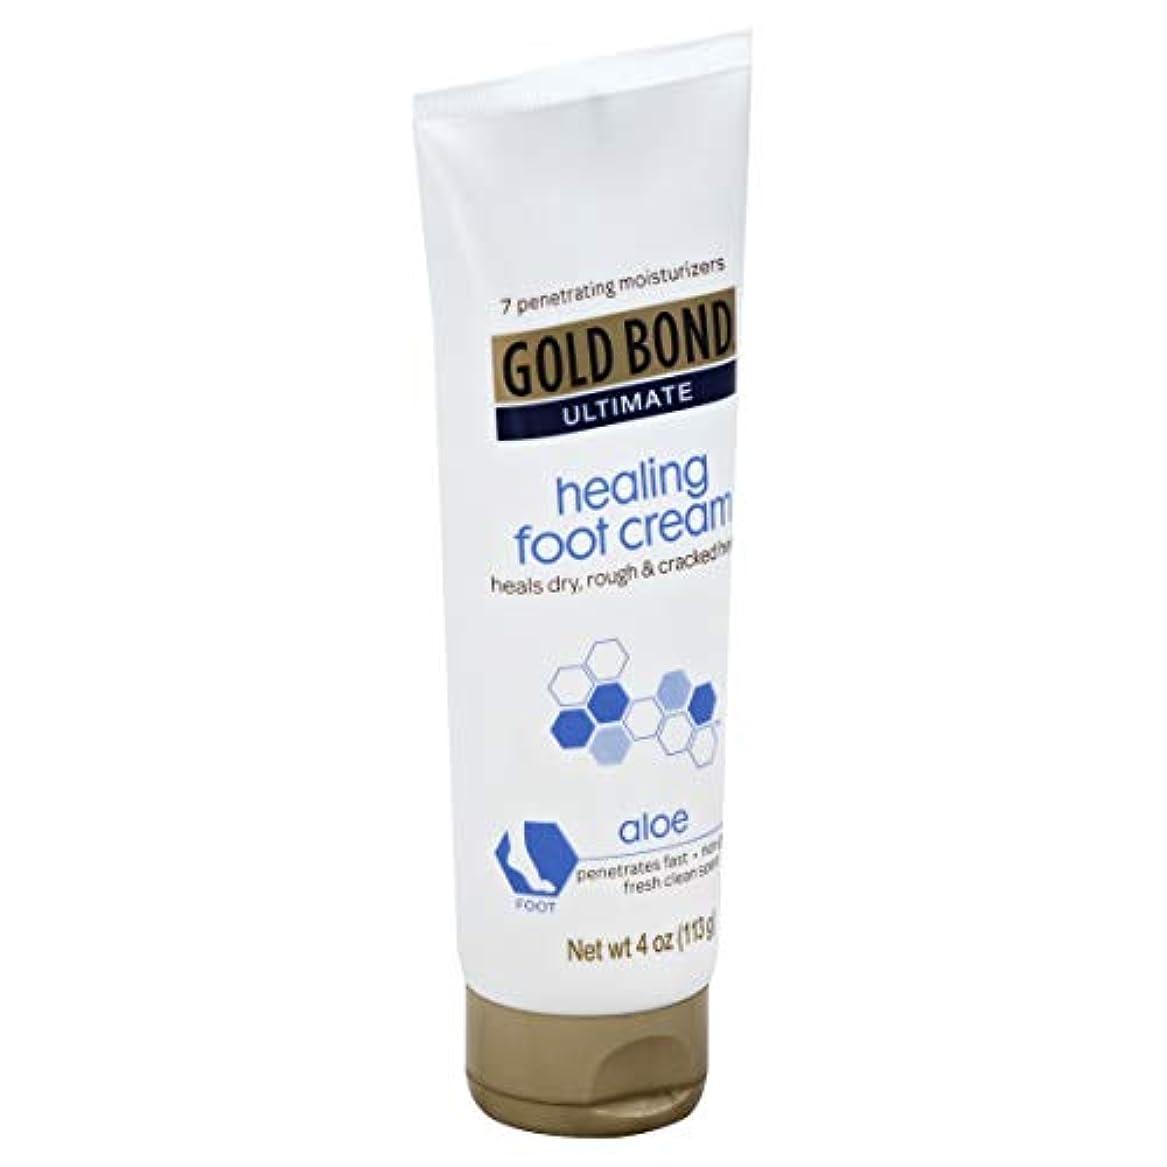 専門用語望まない効果的にGold Bond Healing Foot Therapy Cream 120 ml (並行輸入品)